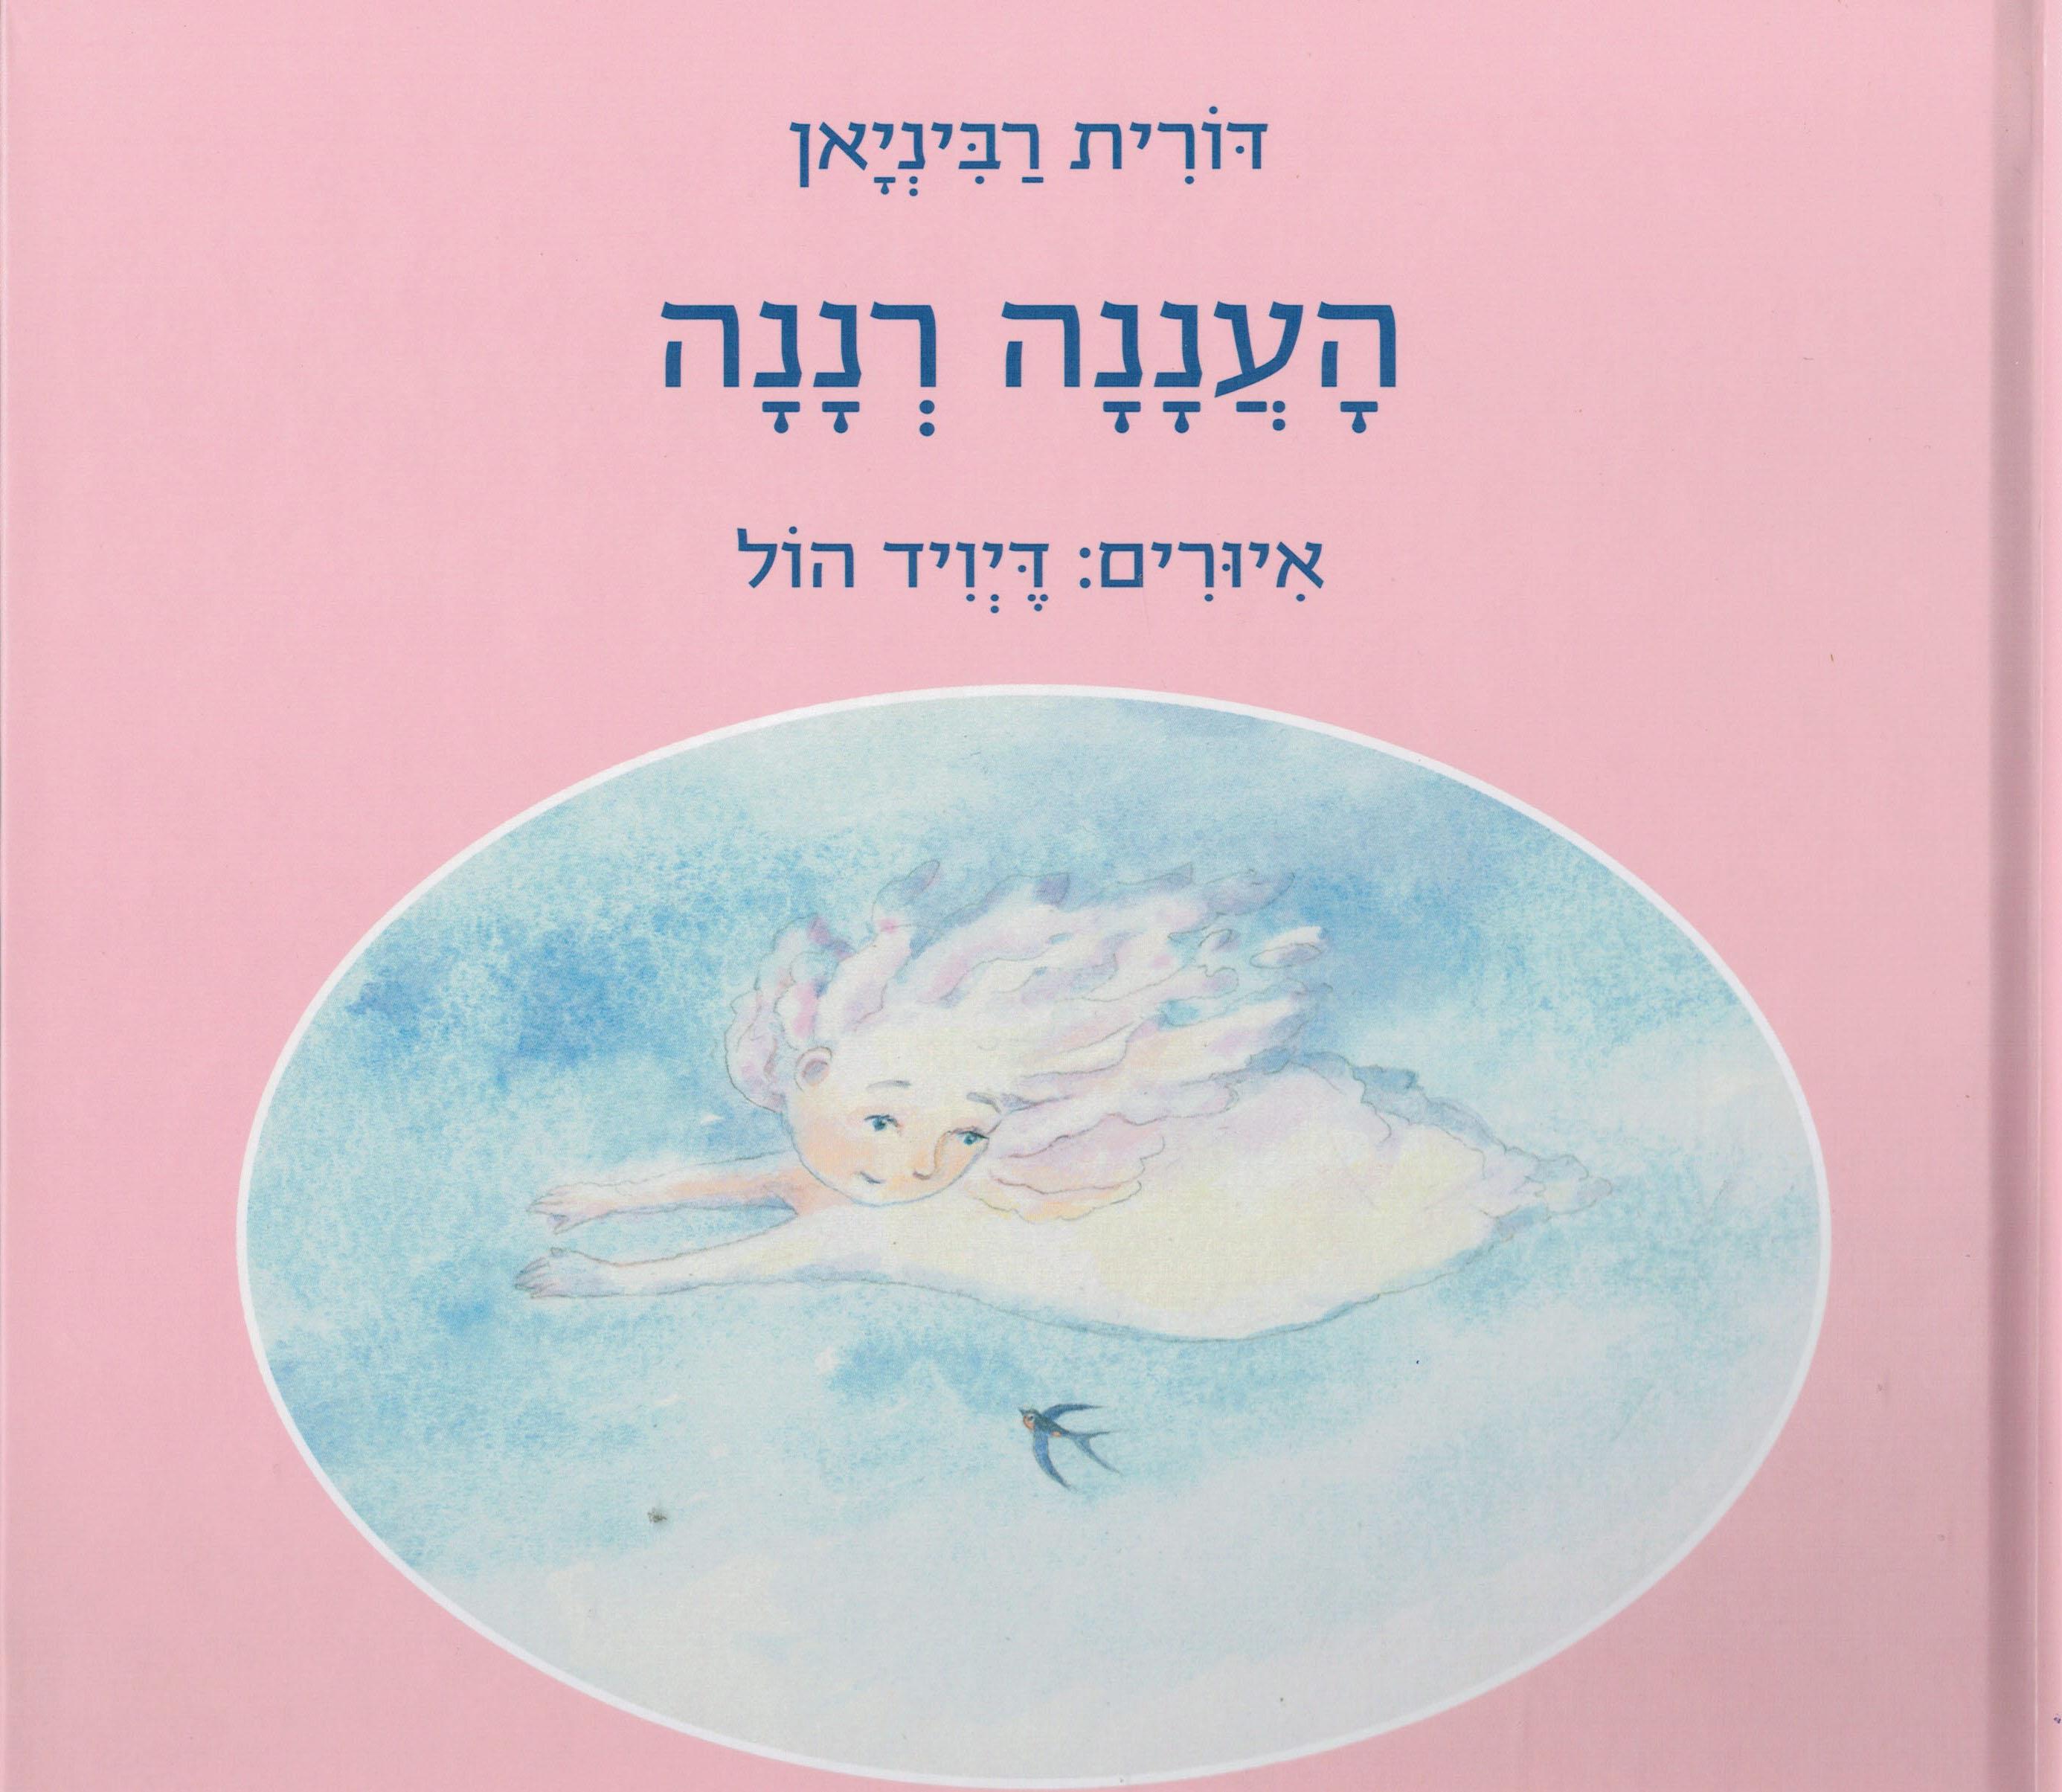 תמונה של הספר העננה רננה